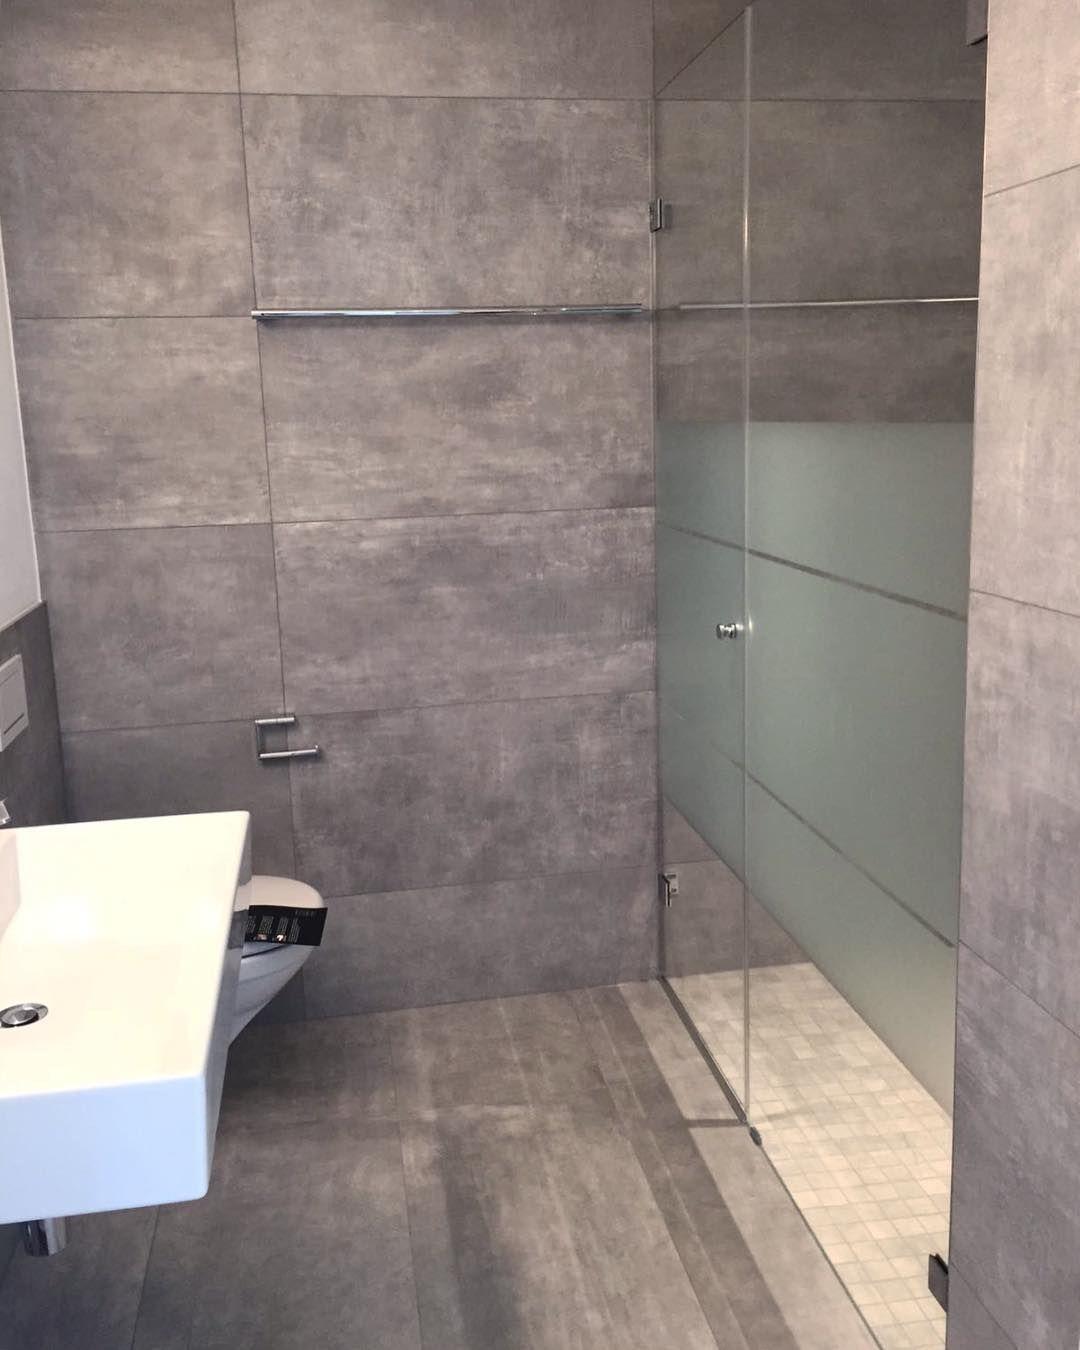 Nischenlosung Glasduschen Dusche Badezimmer